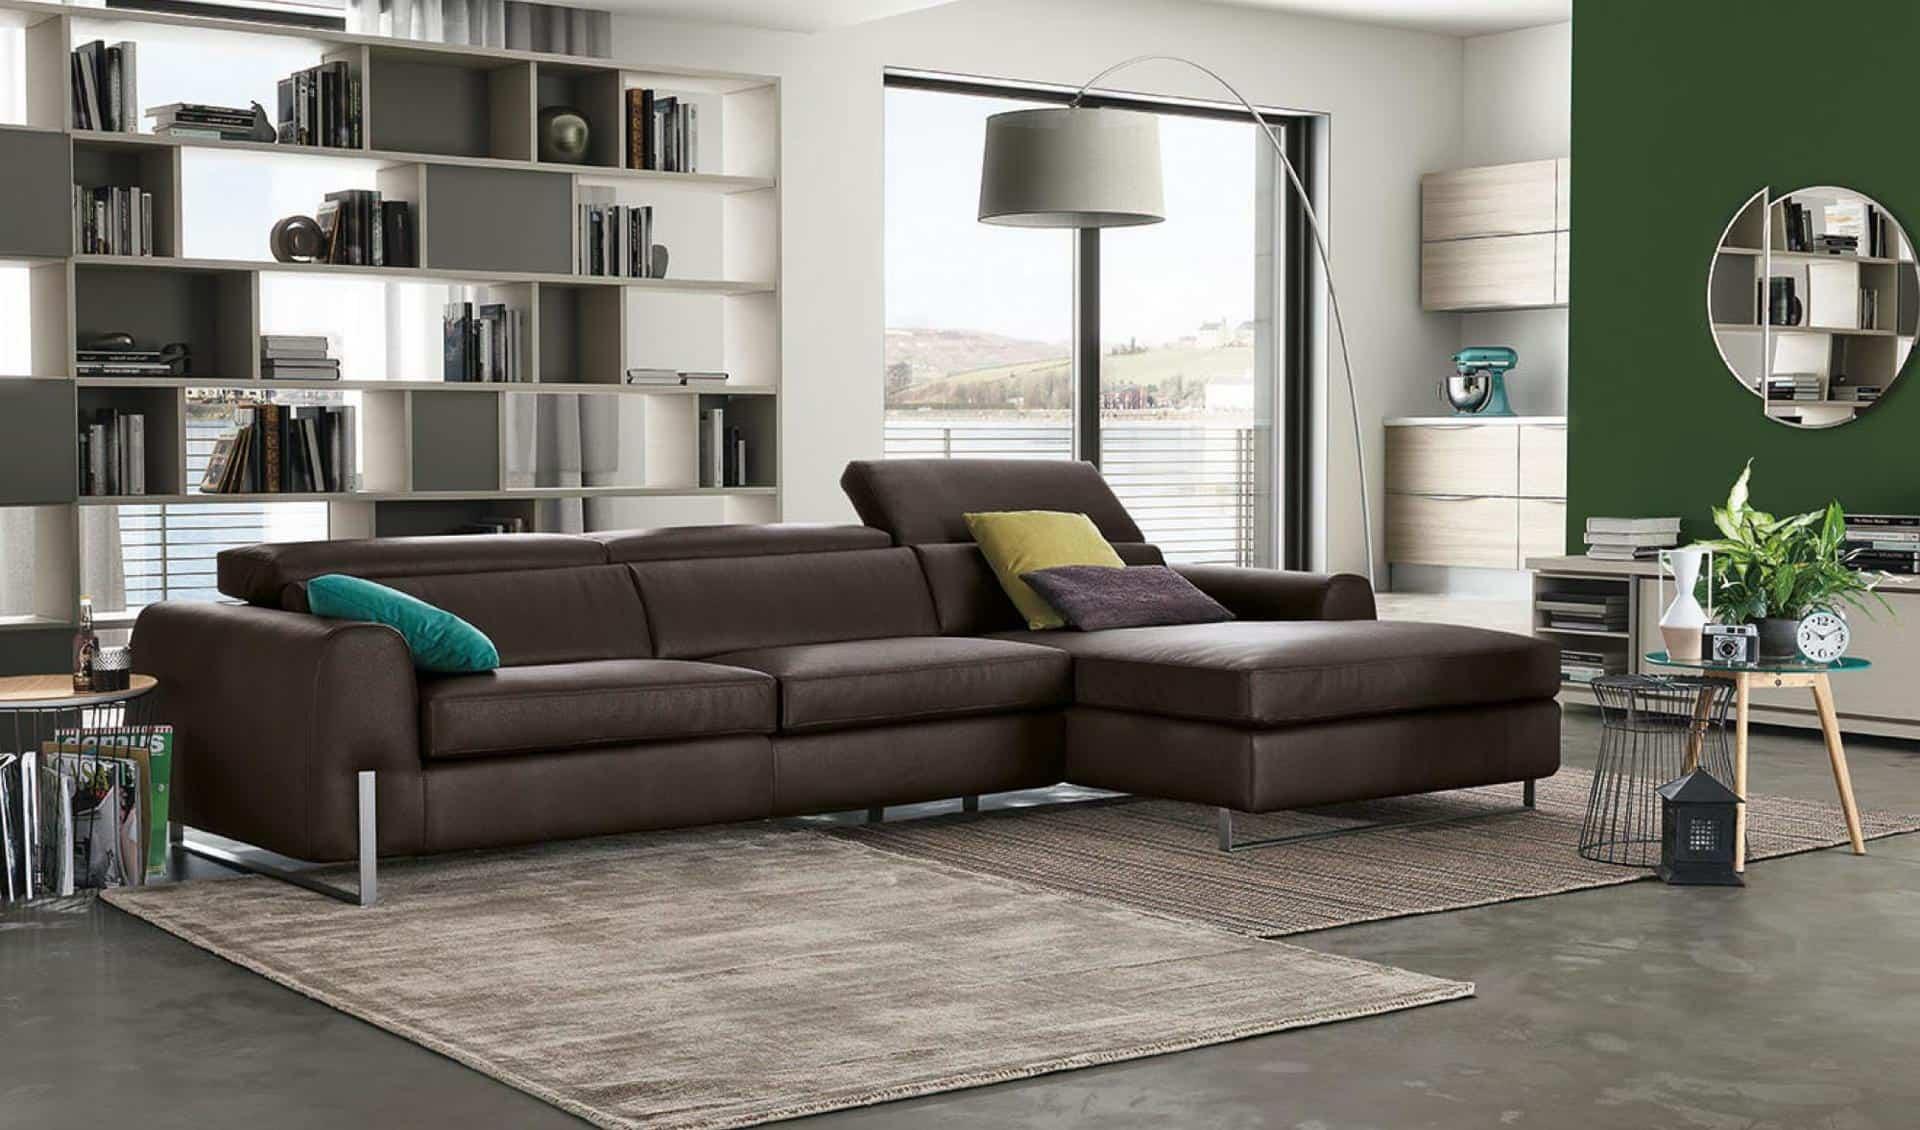 Montella prisma arredo arredamento e mobili per la casa for Poltrone d arredo